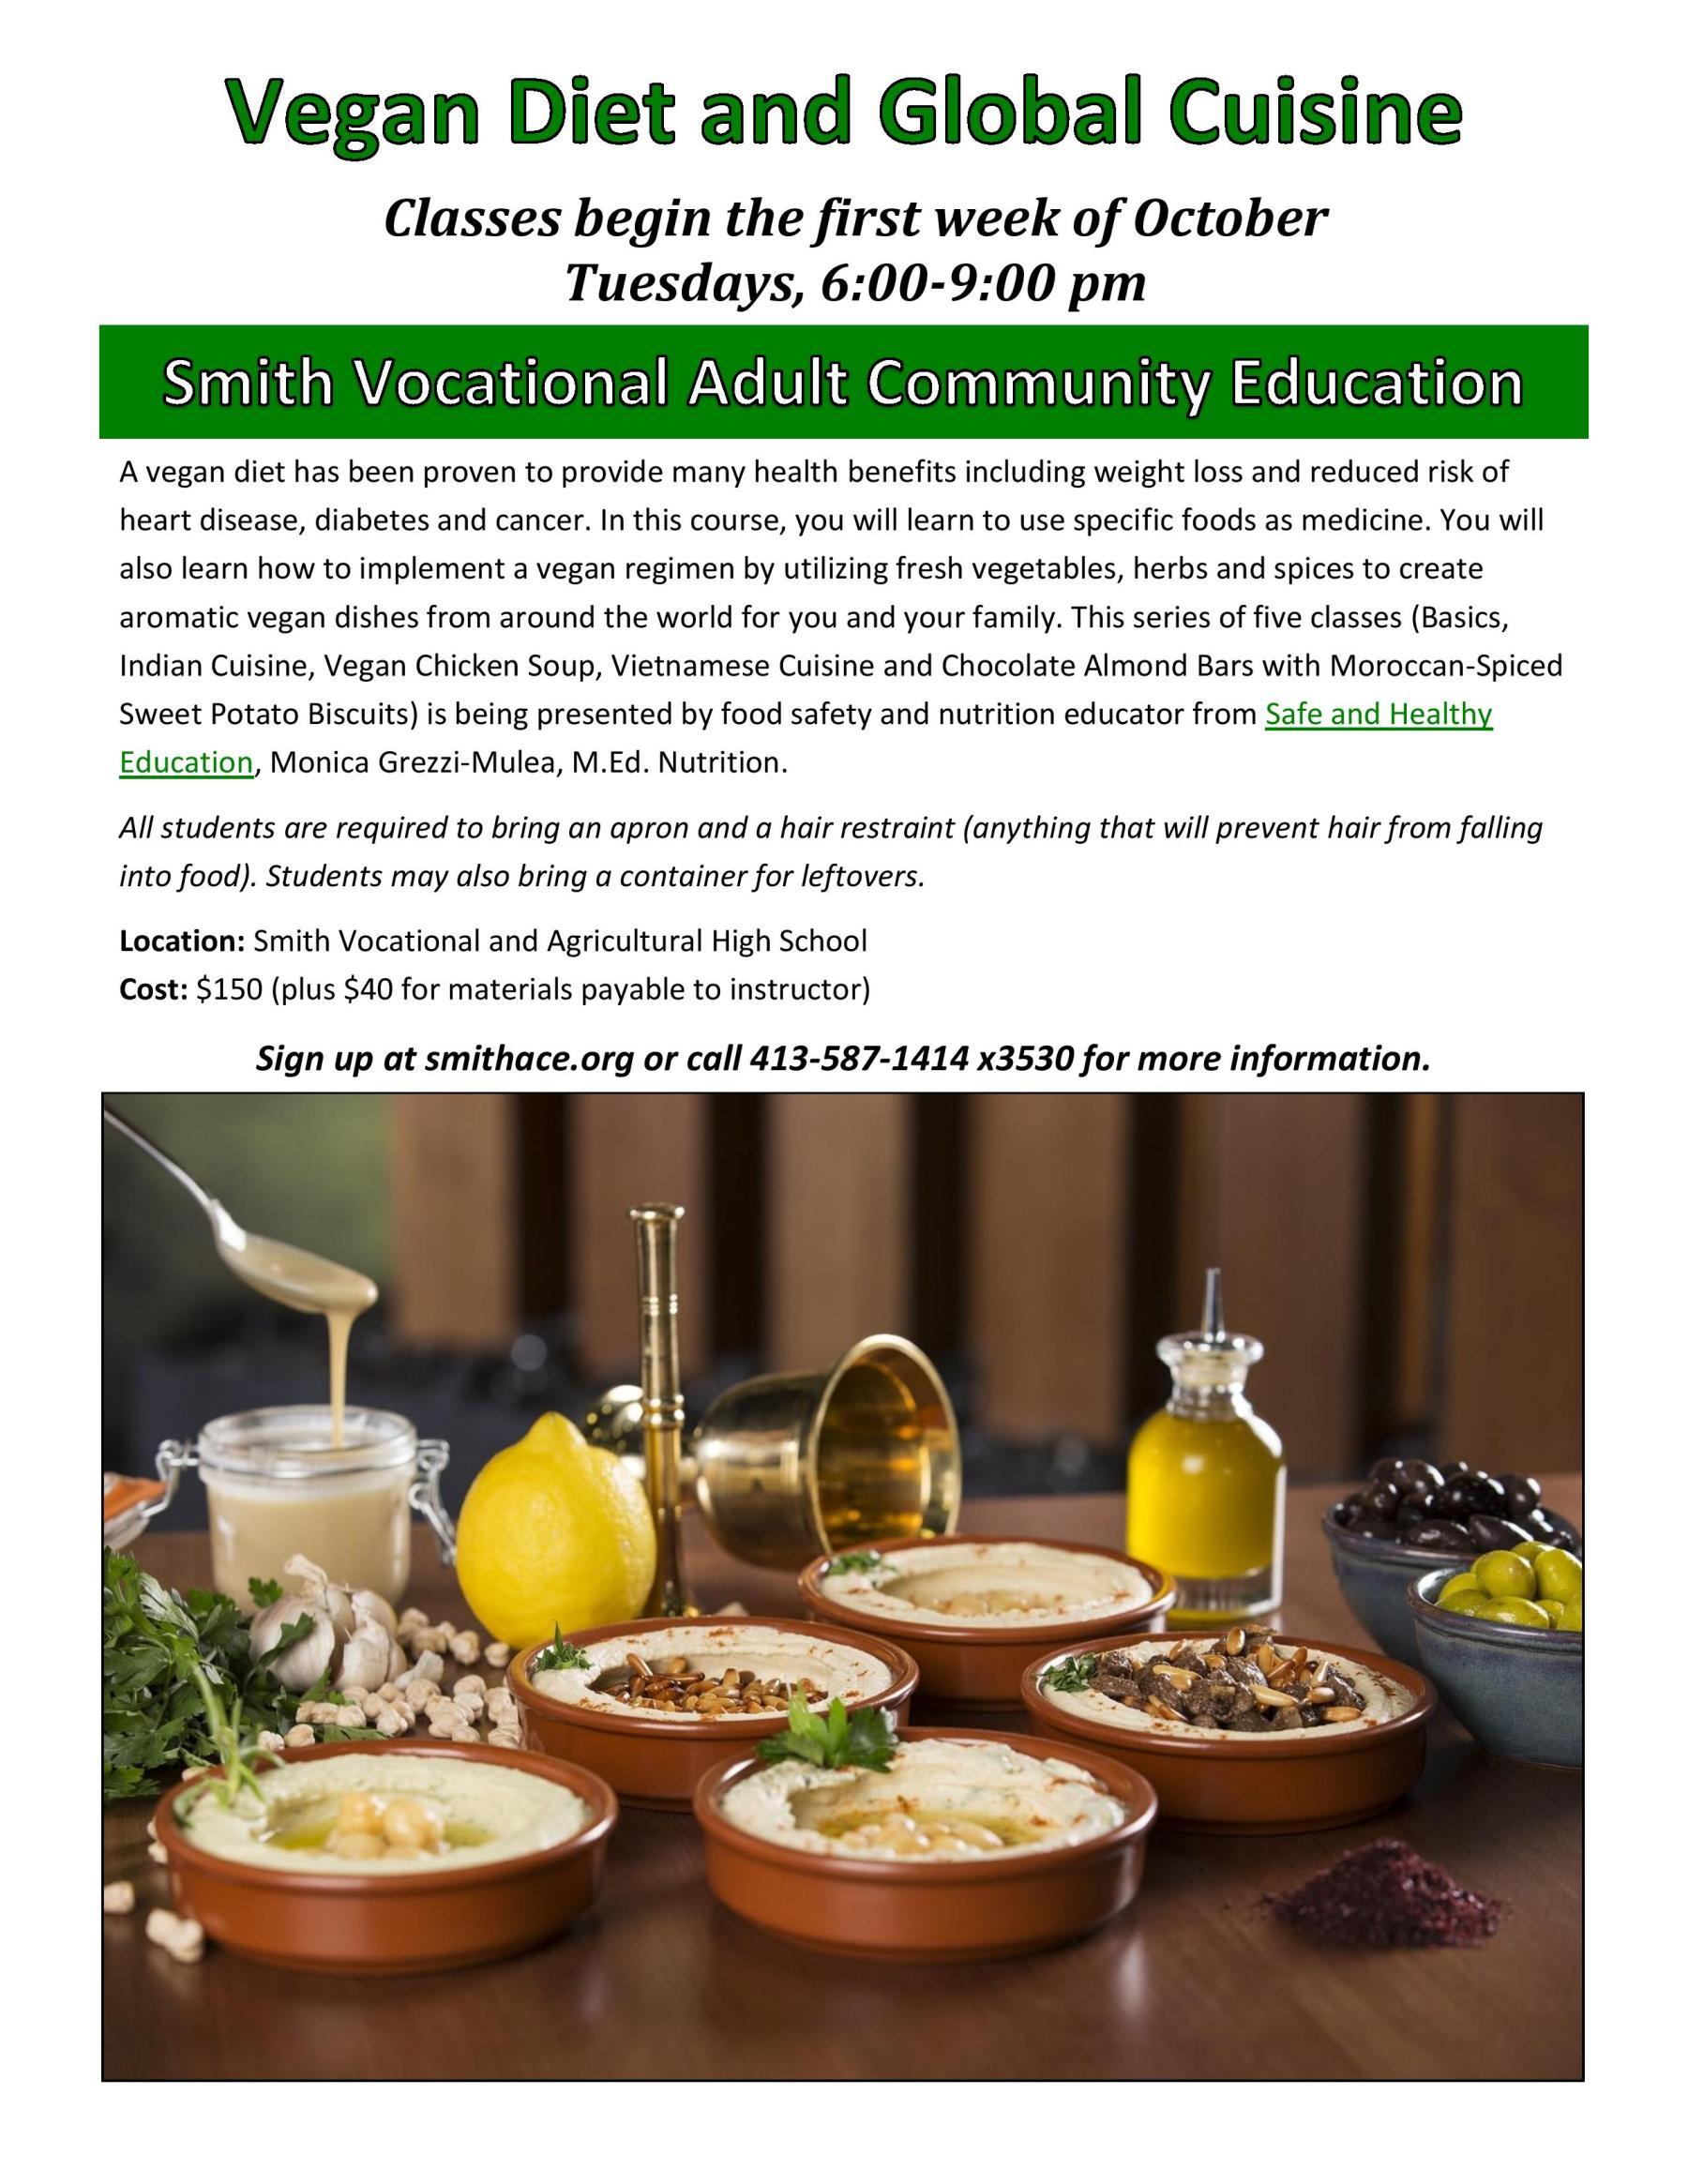 Vegan Diet and Global Cuisine Poster